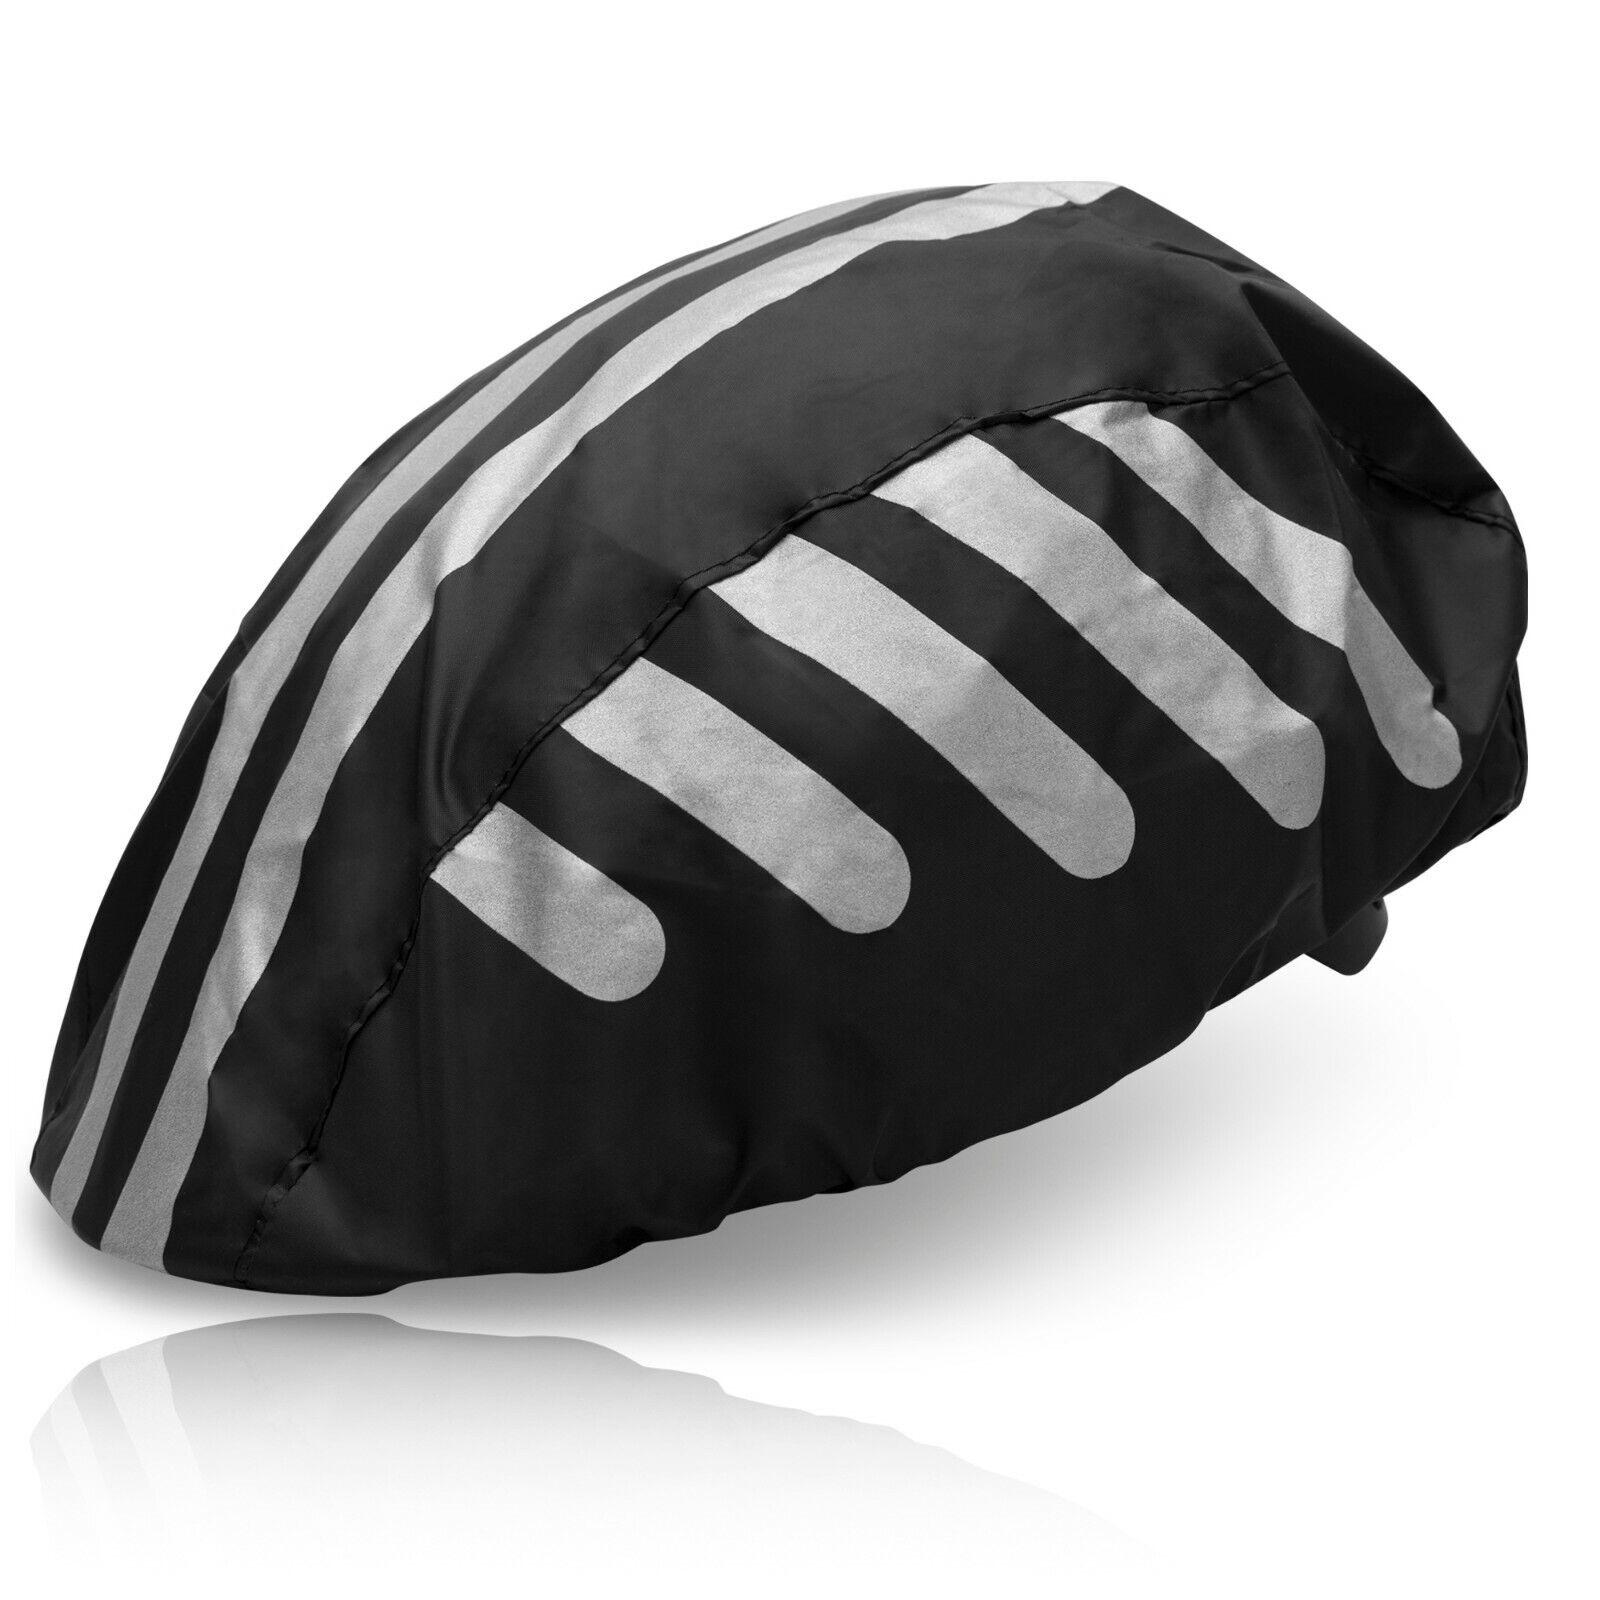 Regenschutz Helm Fahrradhelm Regenüberzug Schutzhelm Wasserdicht Abdeckung Neu